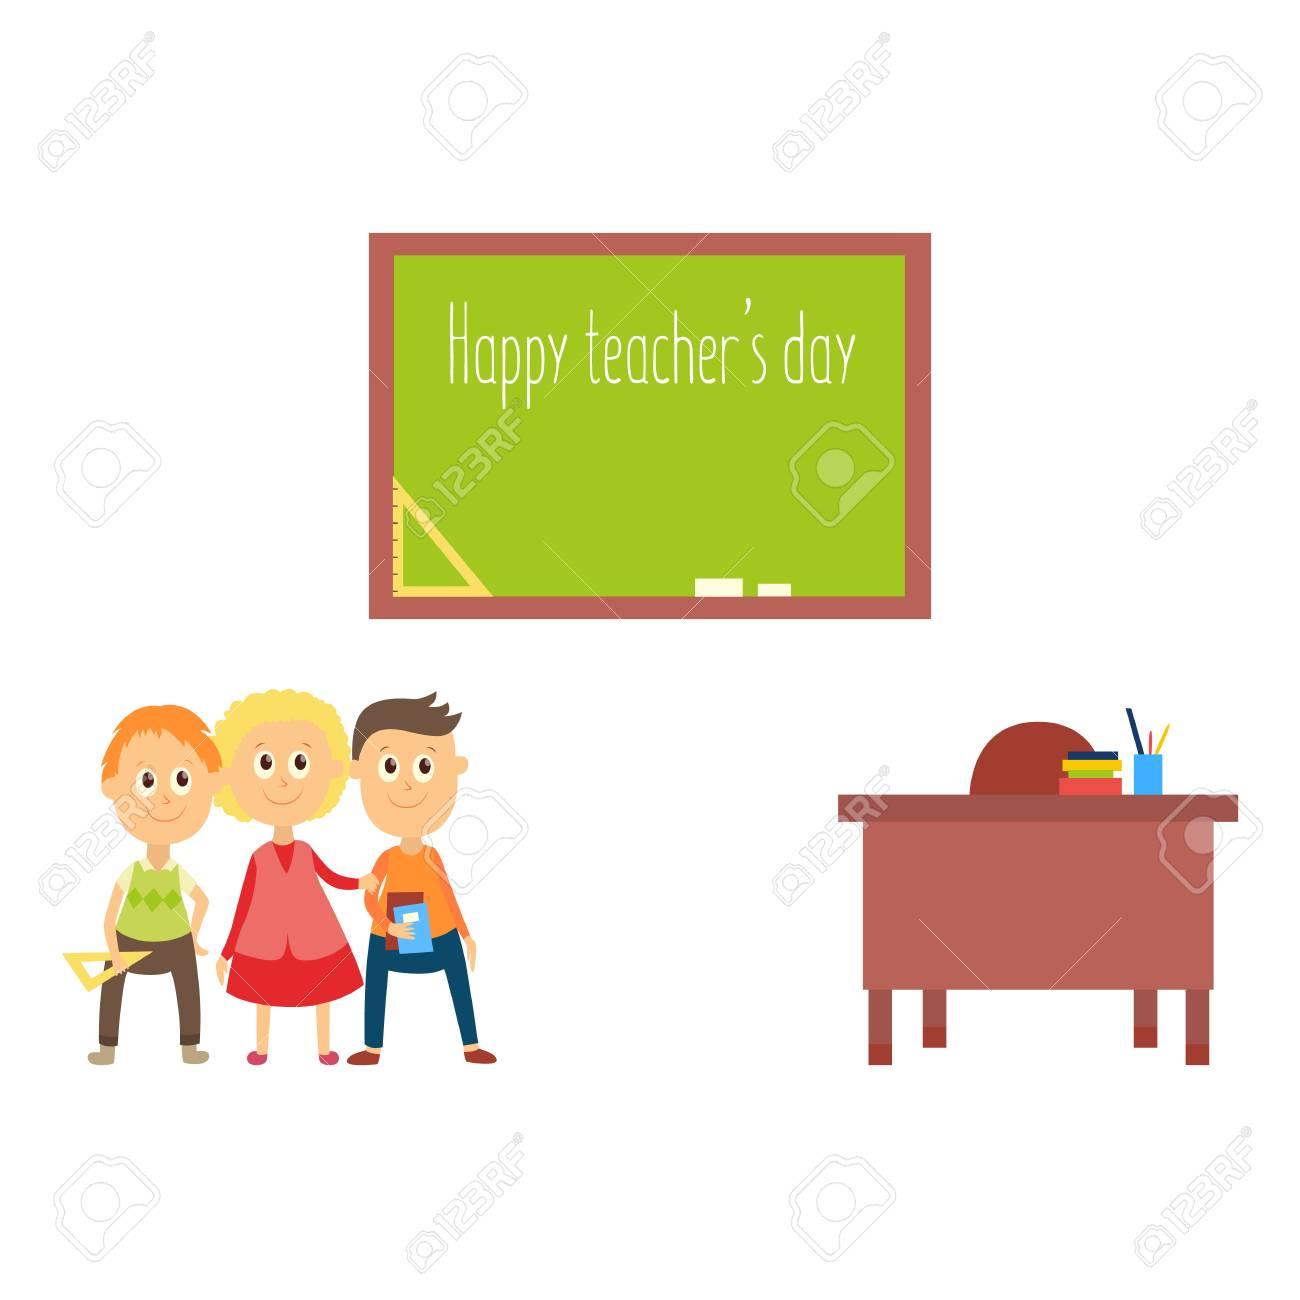 carte de voeux joyeux enseignant jour avec les ecoliers les enfants debout au tableau noir illustration de vecteur de dessin anime plat isole sur